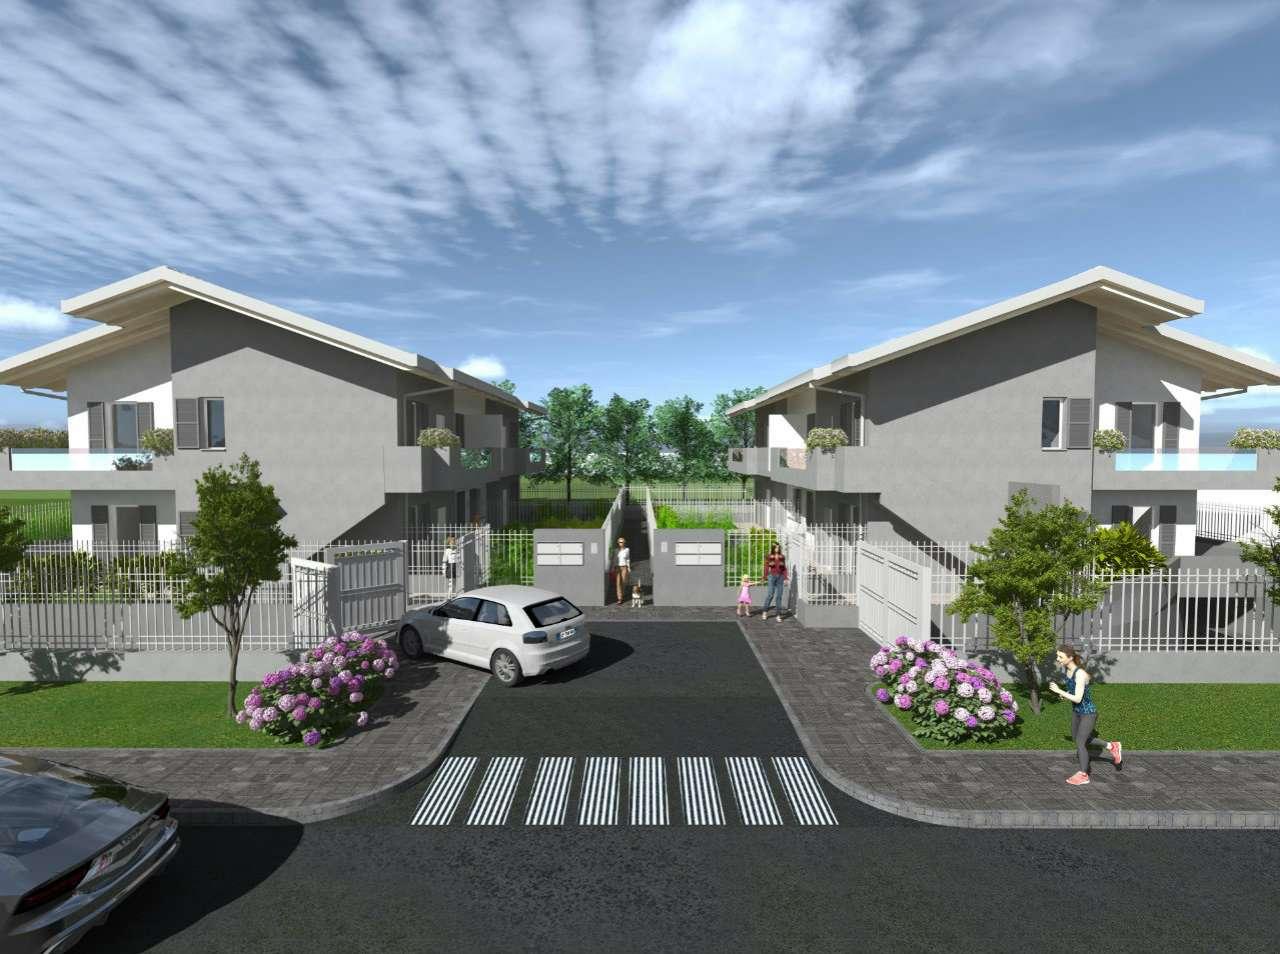 Appartamento in vendita a Bonate Sopra, 4 locali, prezzo € 245.000 | PortaleAgenzieImmobiliari.it